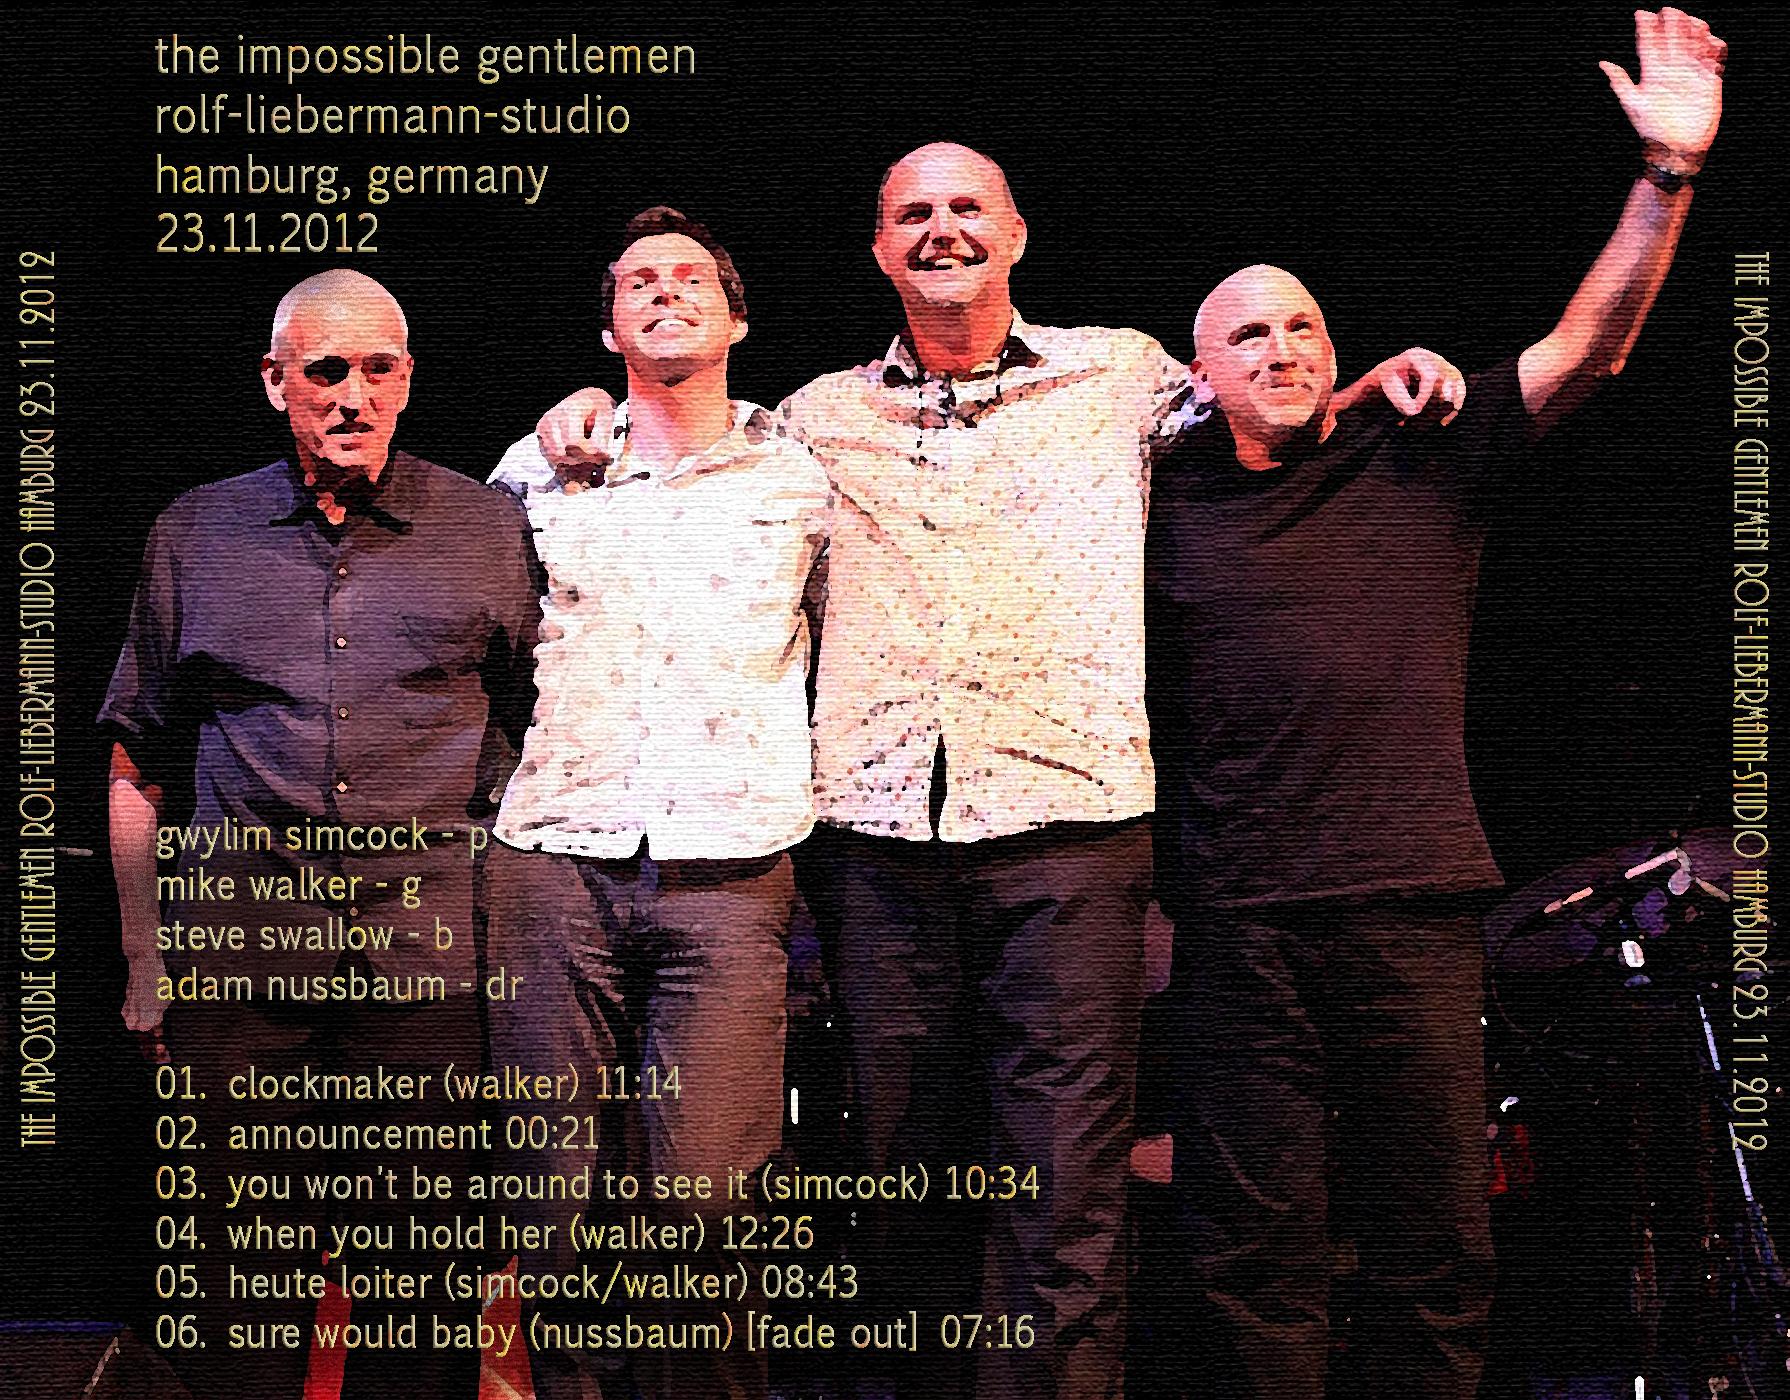 ImpossibleGentlemen2012-11-23RolfLiebermannStudioHamburgGermany2.jpg